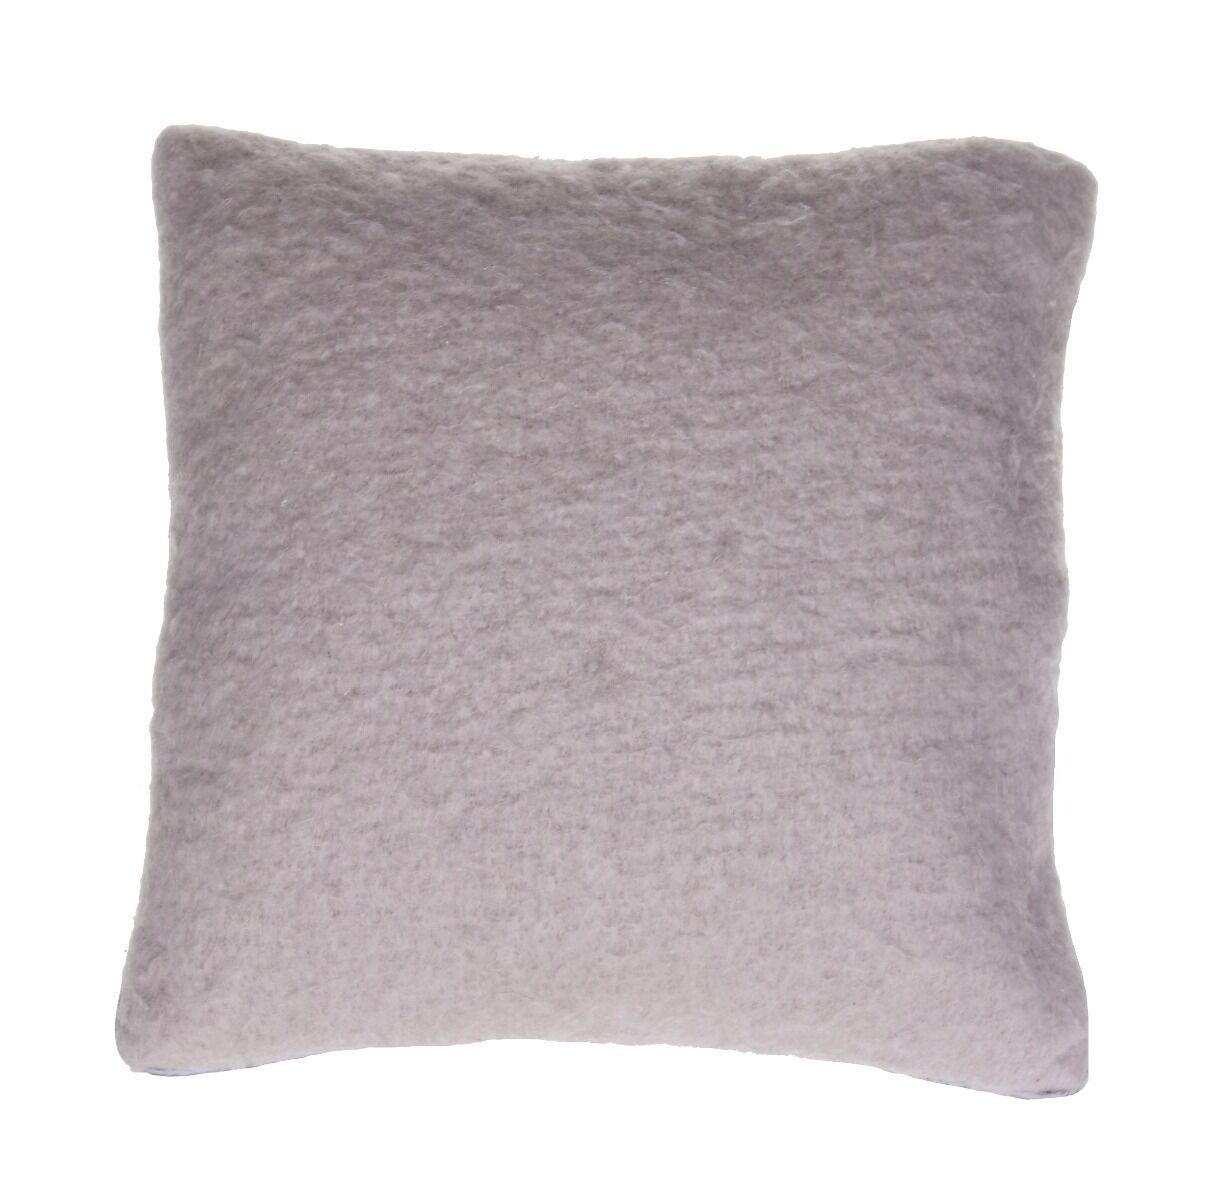 Poszewka na poduszkę z kedrą Maniere 45x45 cm